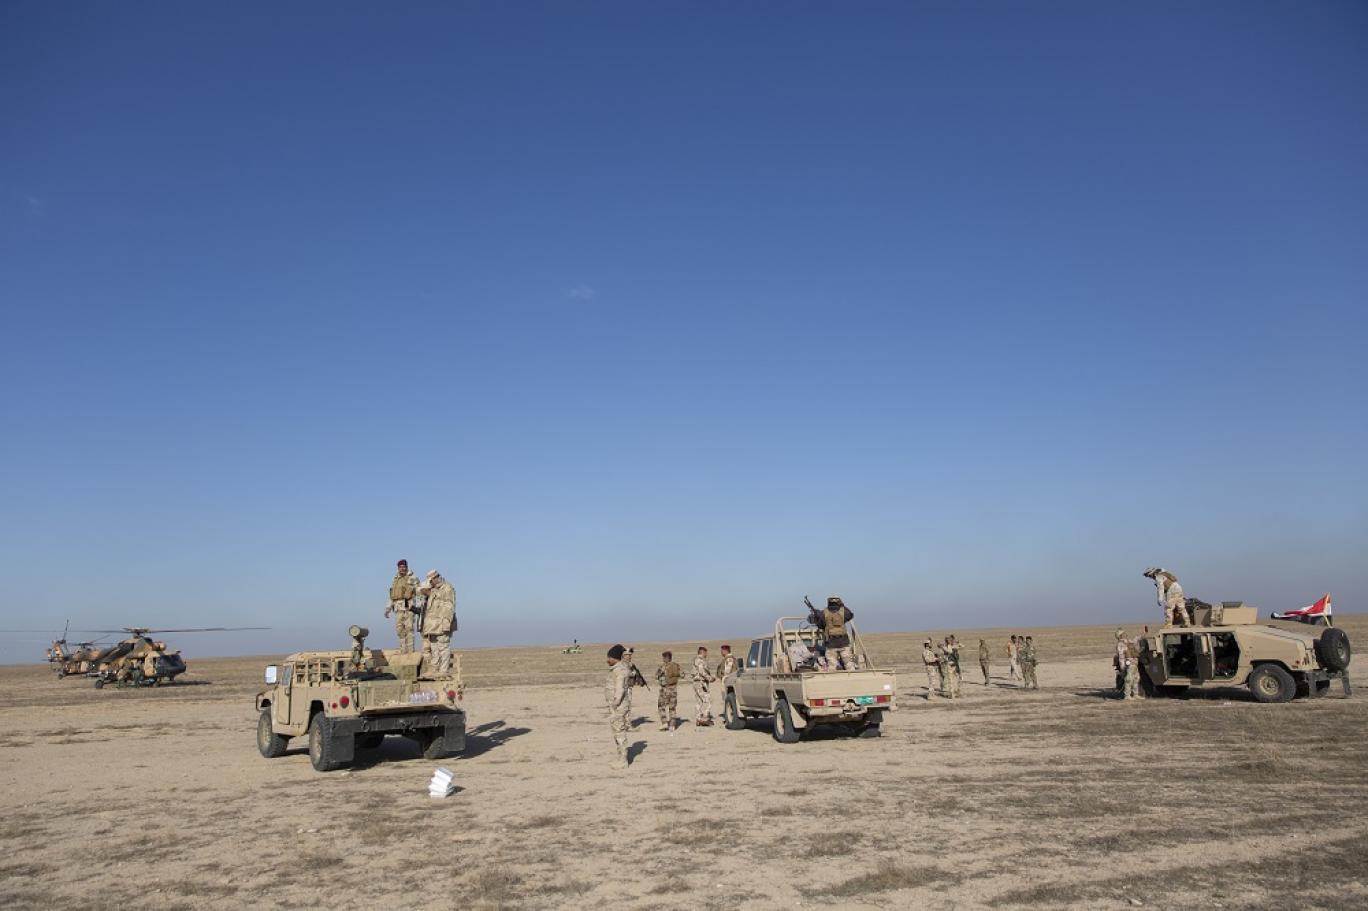 """محللون وخبراء: الغارات الاميركية ستغير حسابات ايران وتحذير الى بغداد """"اضبطوا فصائلكم المسلحة"""""""